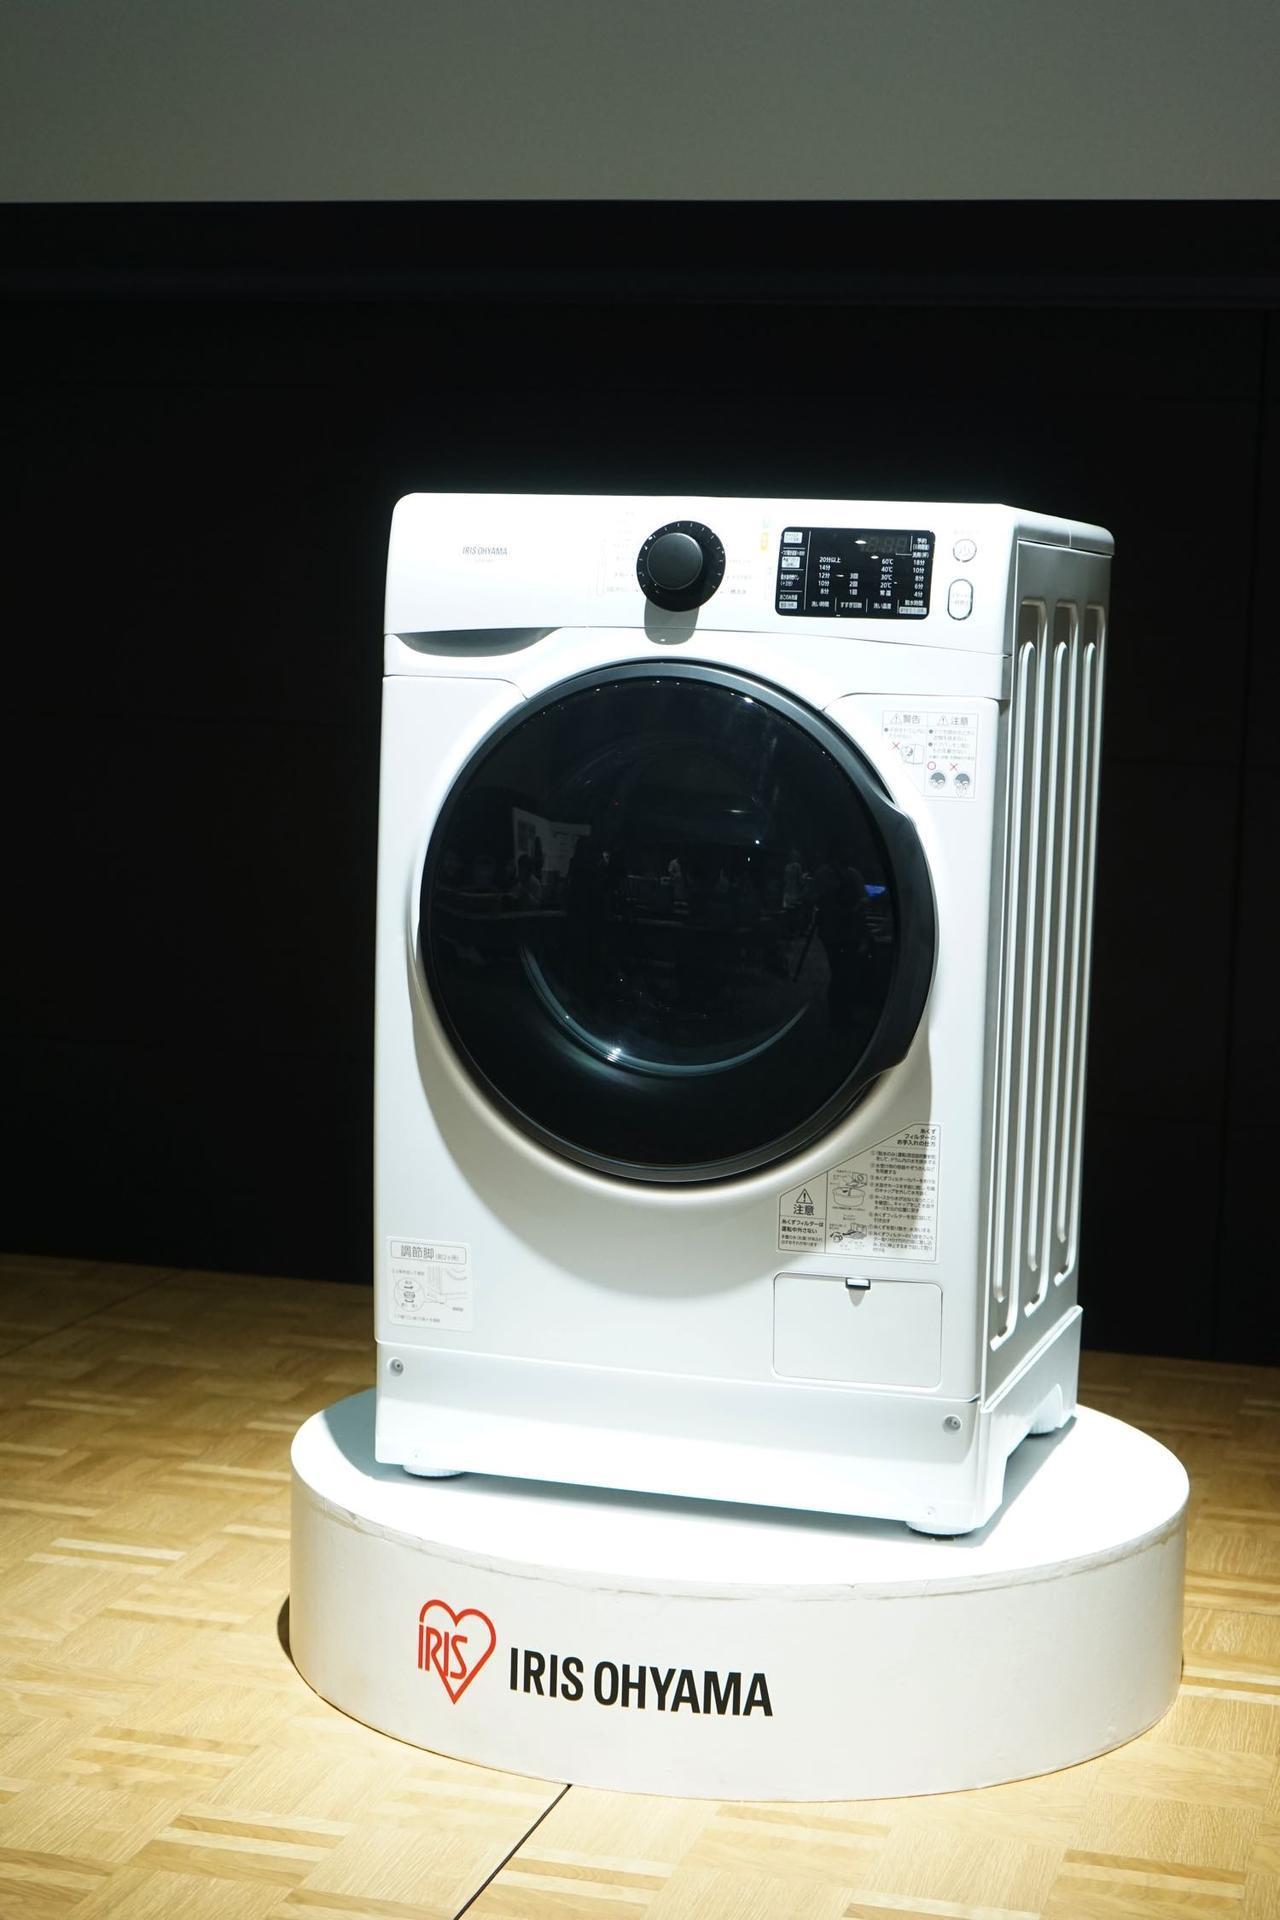 画像: テスト販売を行なって好評を得てきたドラム式洗濯機の新製品(HD81AR)も発表された。値ごろ価格(実売税抜価格¥128,000)を実現している